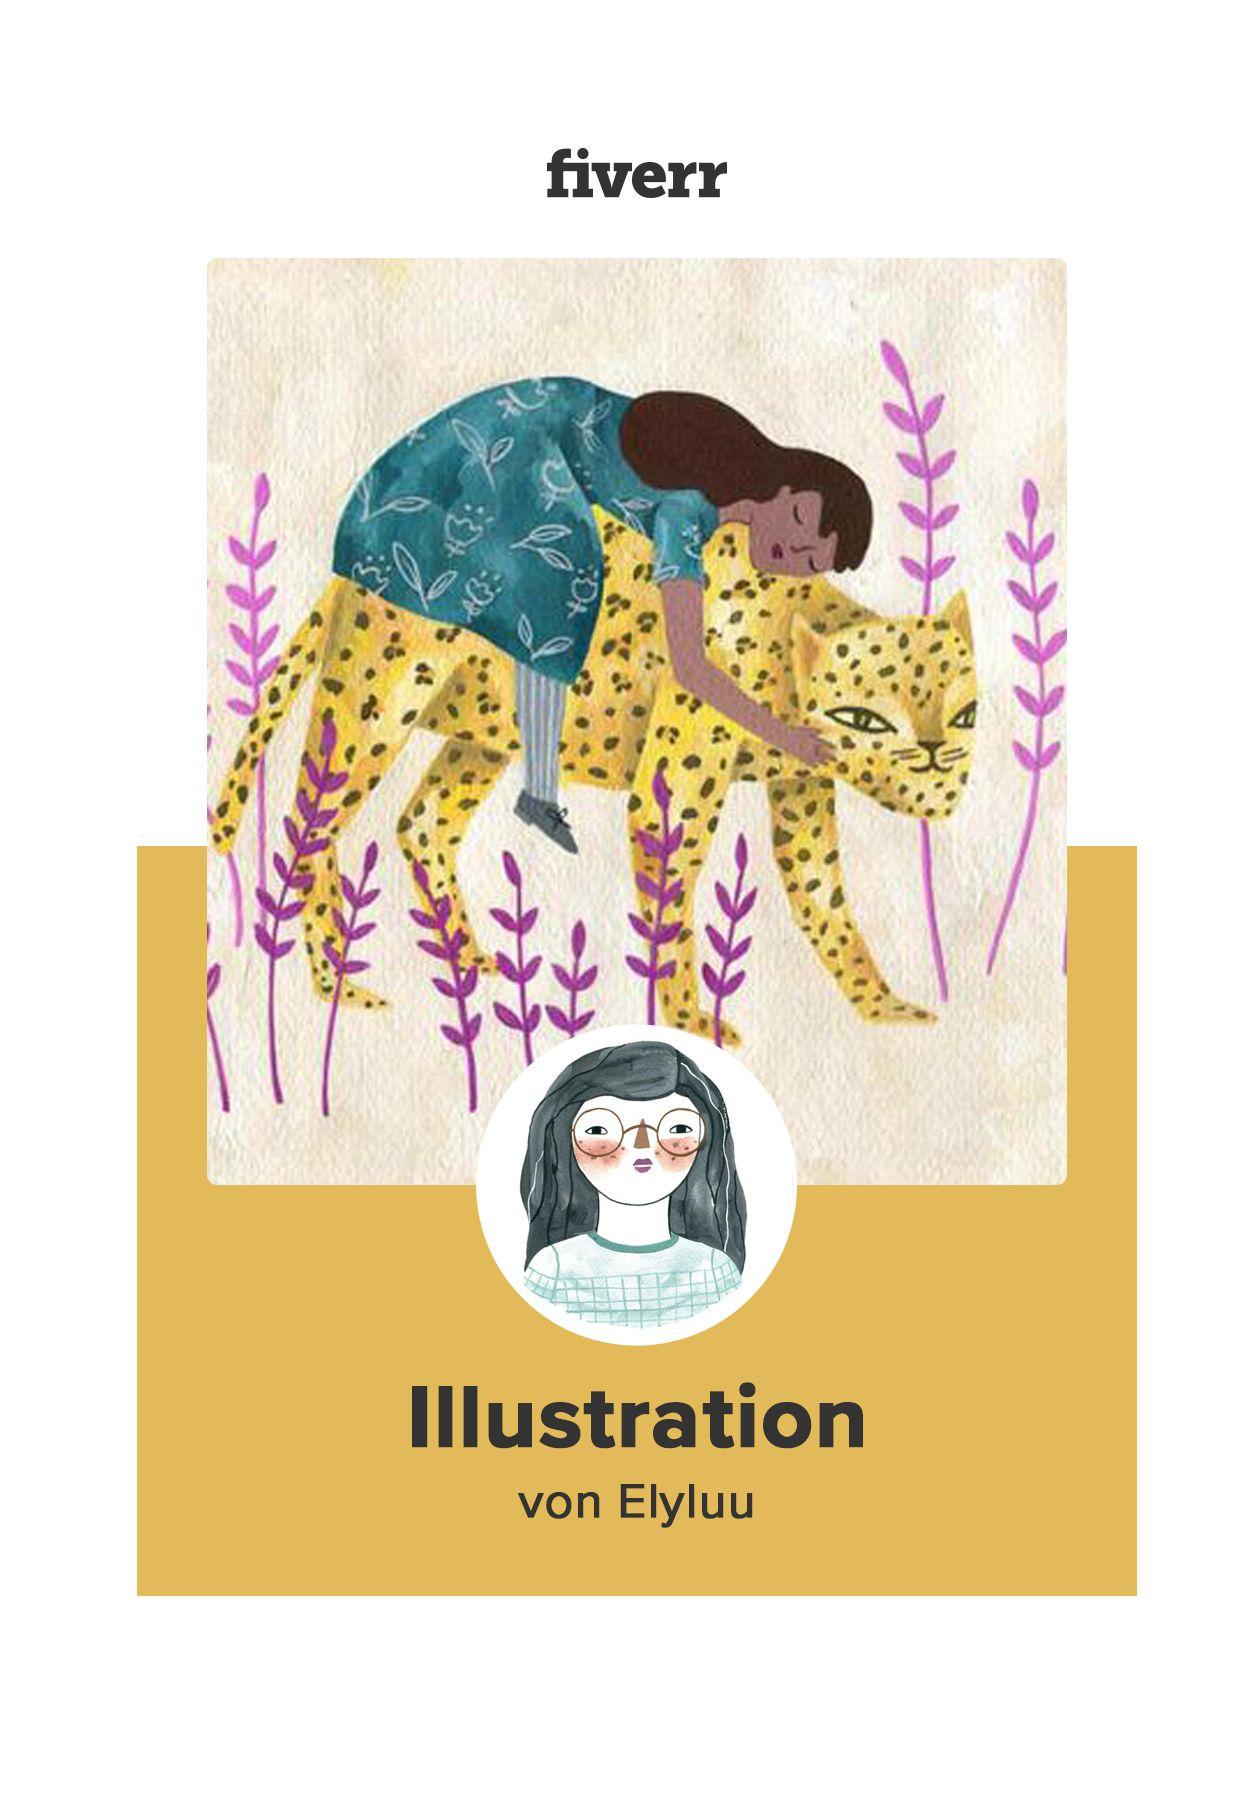 Illustration von Elyluu auf fiverr #interessen